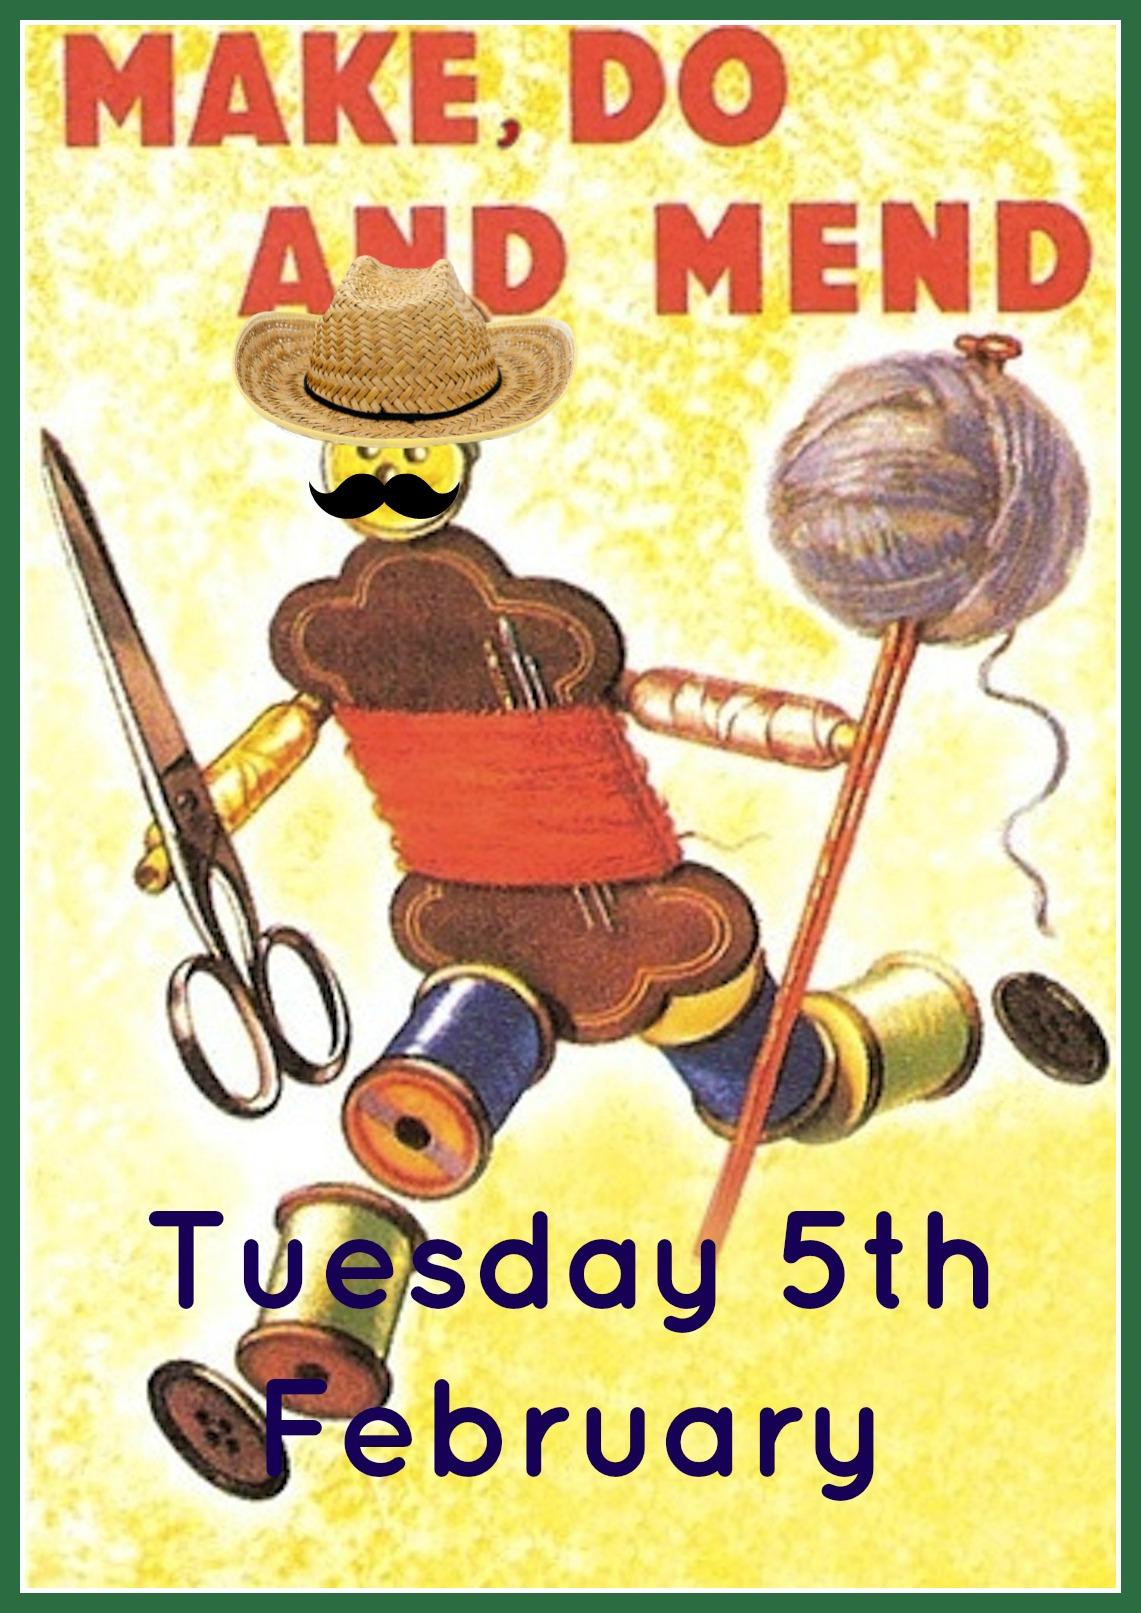 make, do & mend man February 2013